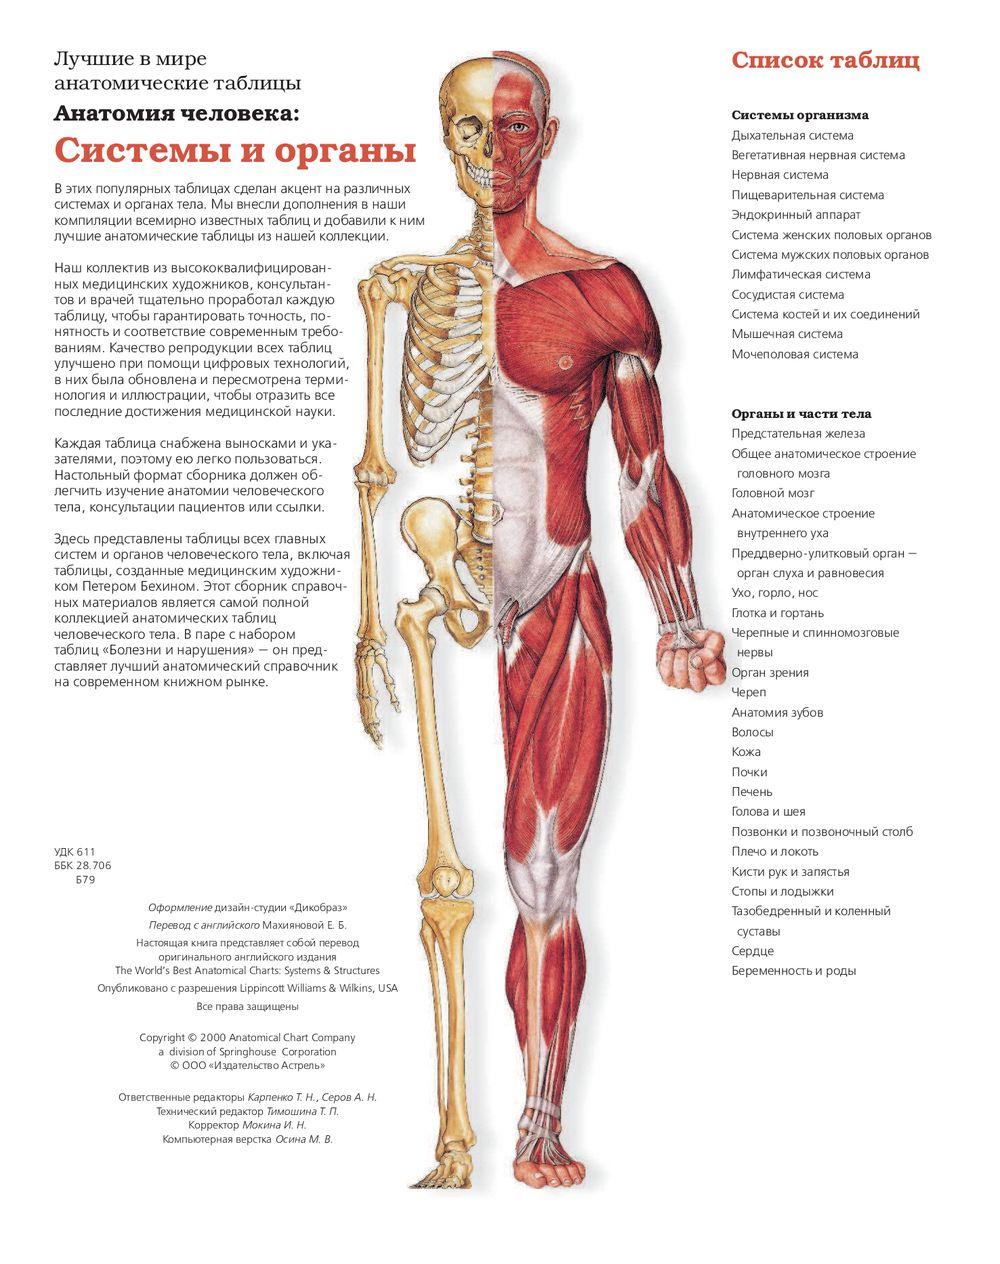 в анатомия картинках человека